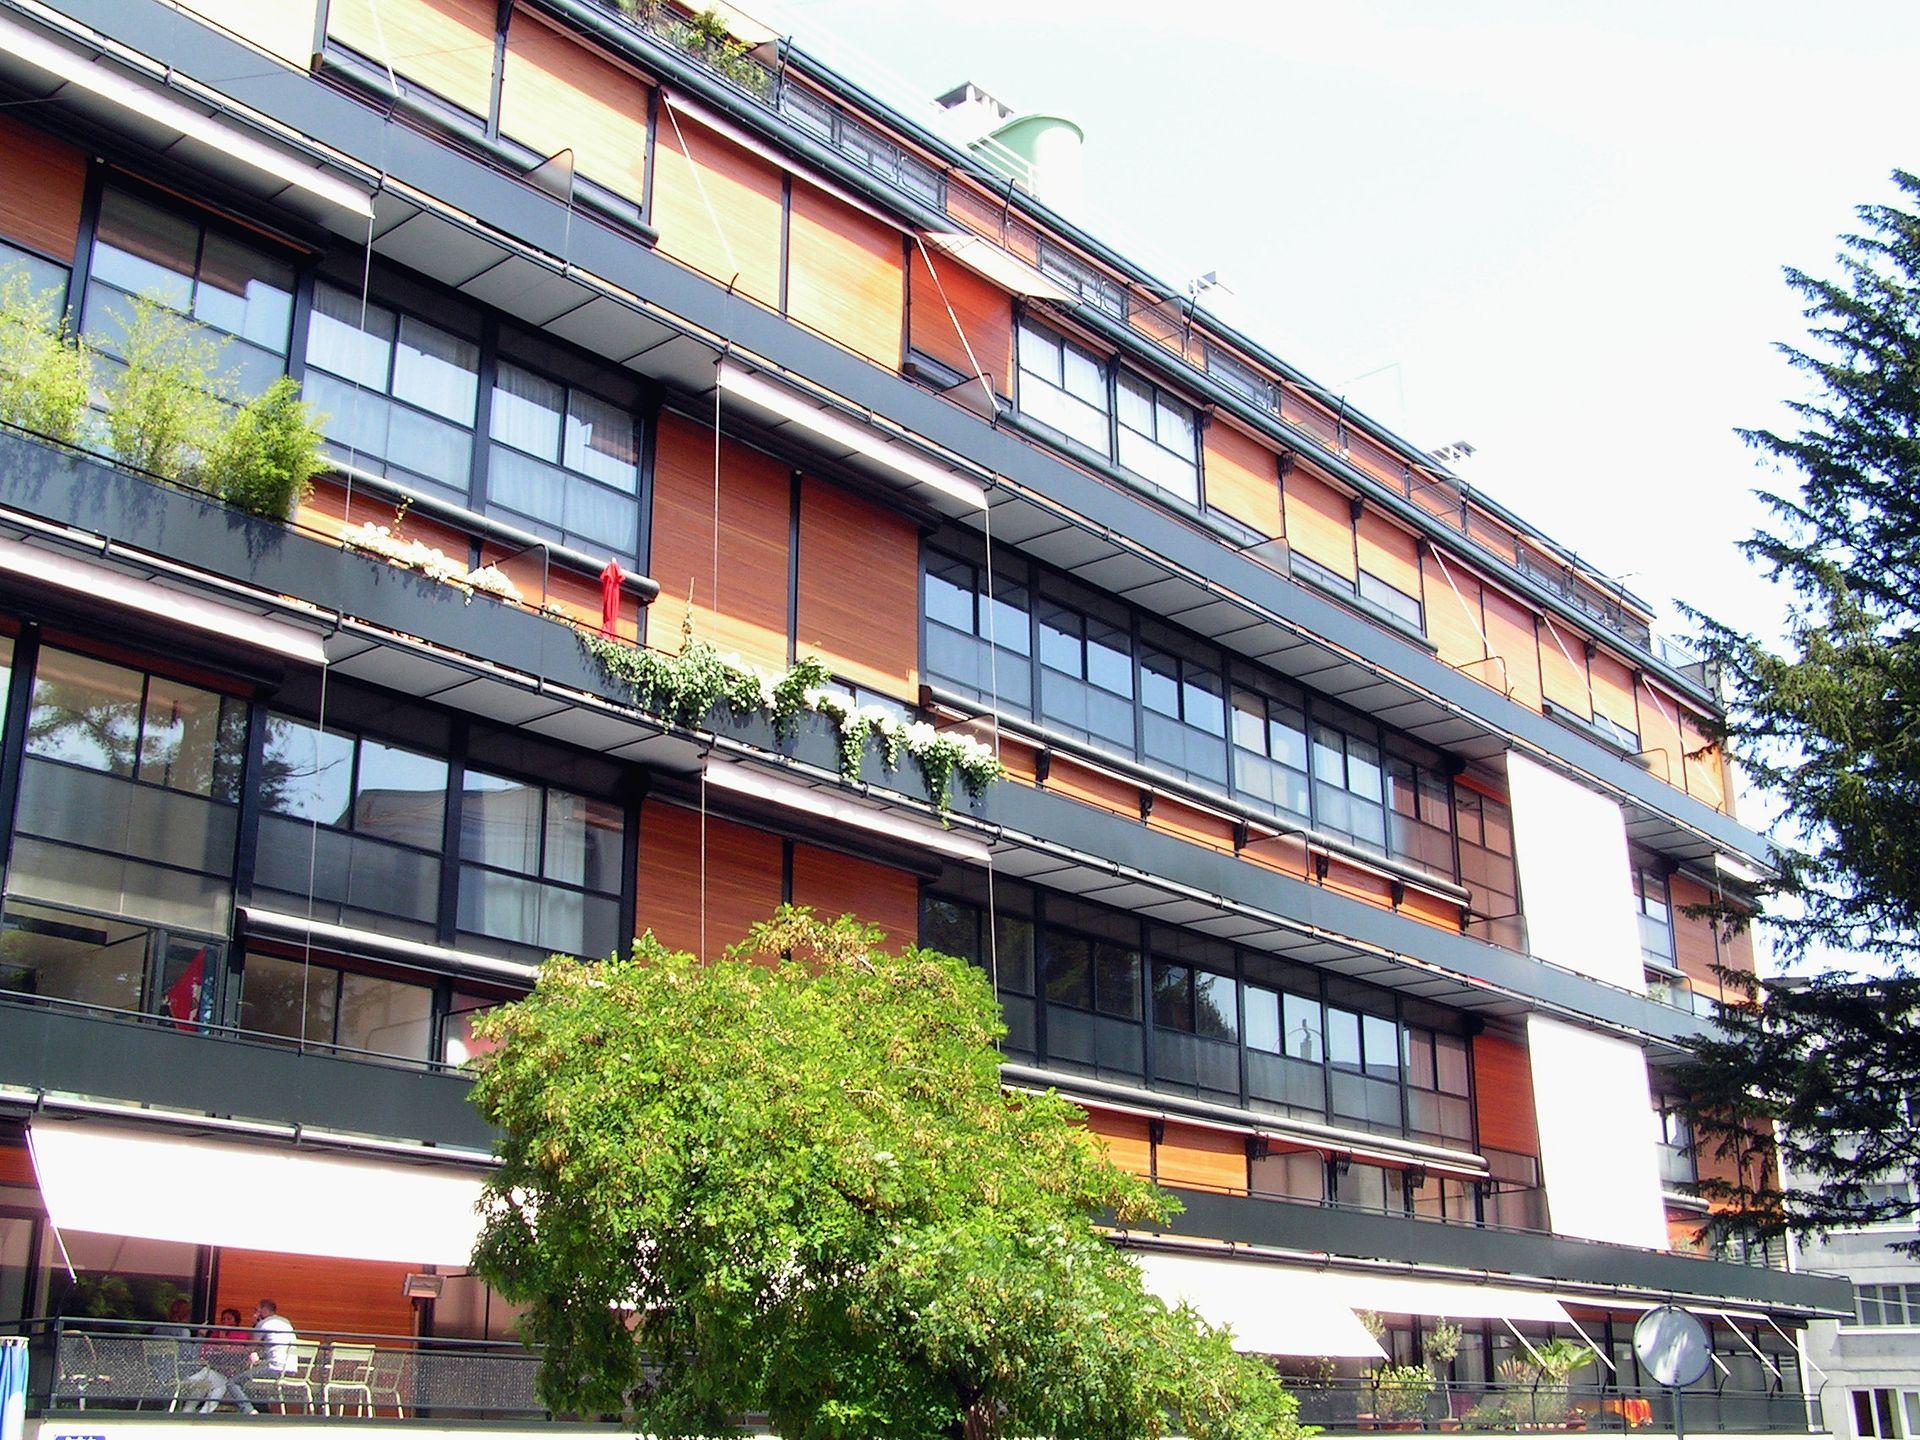 Geneve_immeuble_Clarte_2011-08-02_13_55_36_PICT3664.jpg